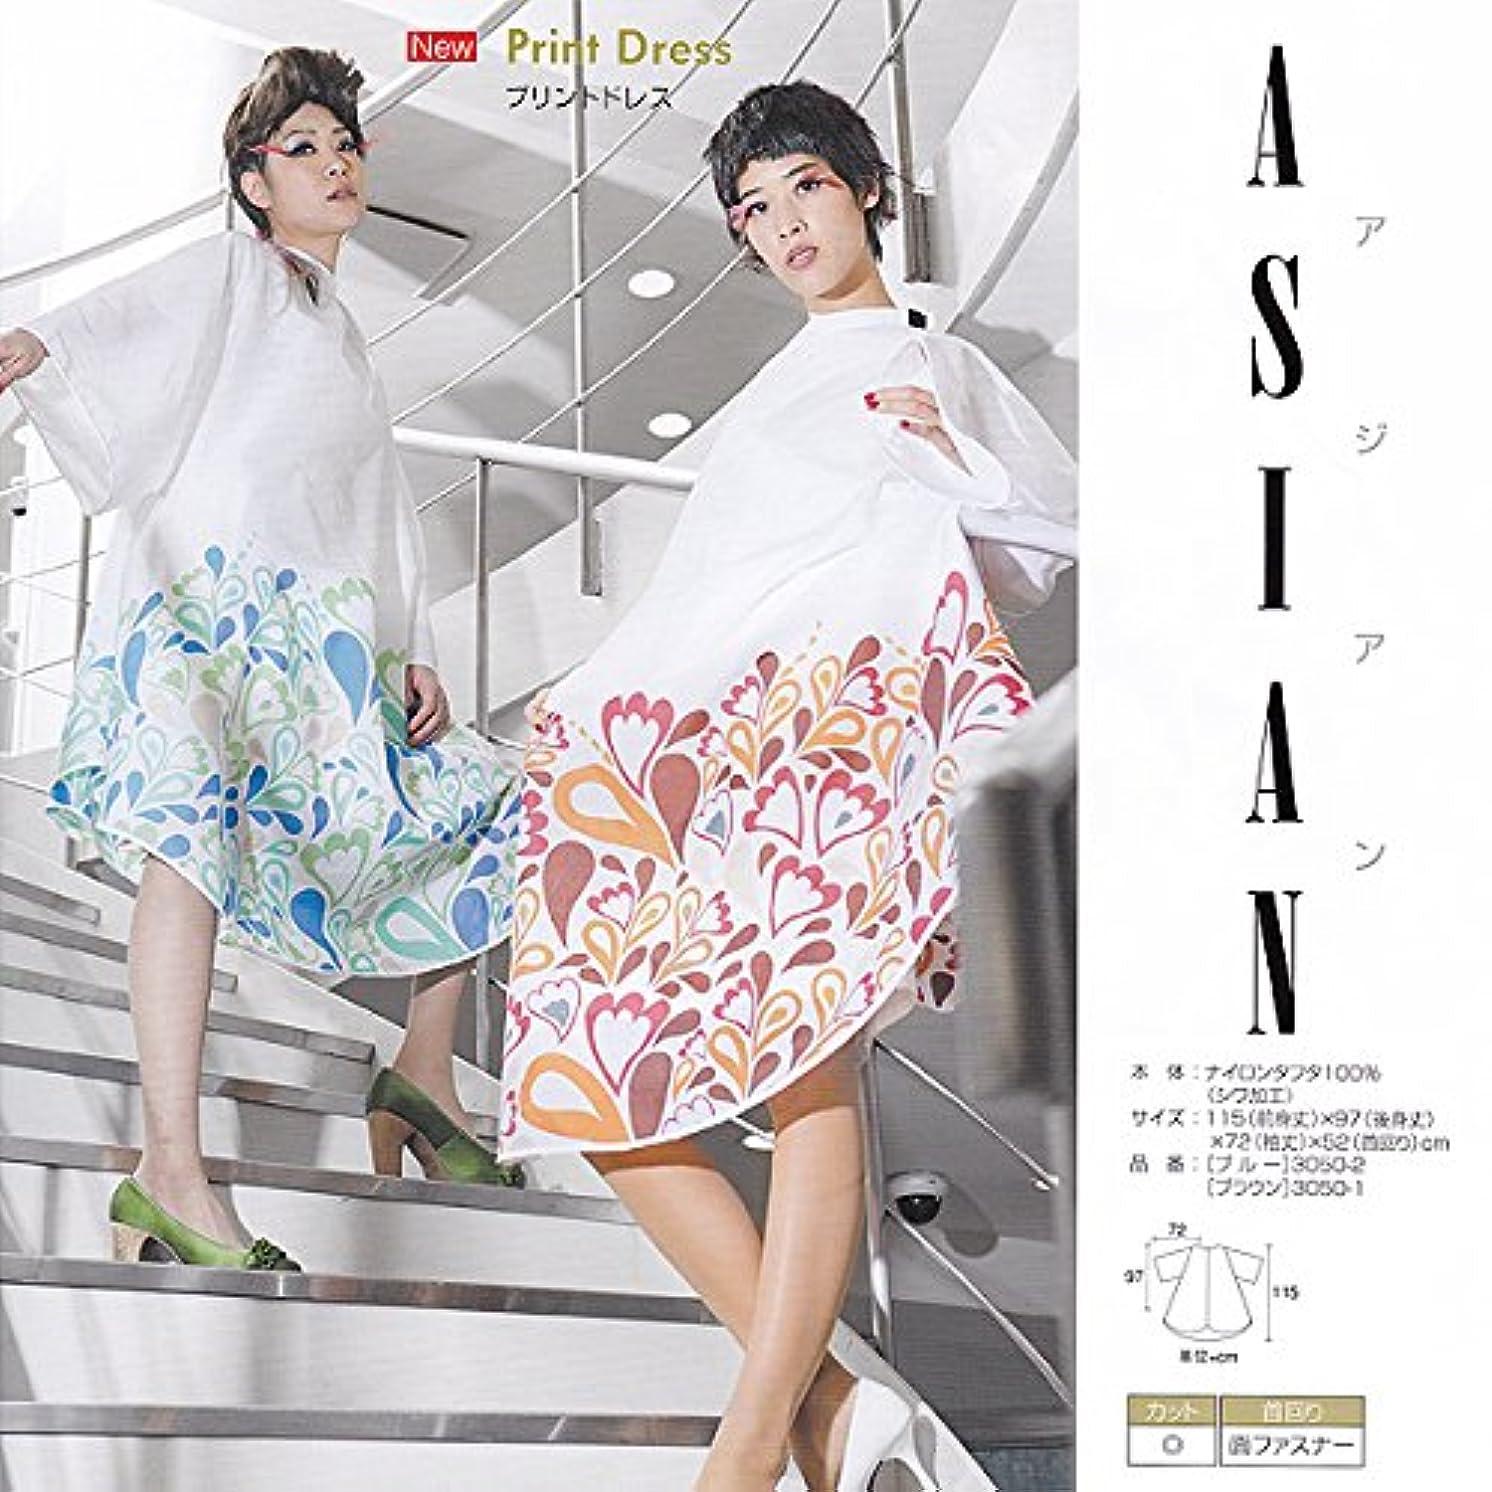 会員ウェーハ会話WAKO ASIAN アジアンプリントドレス №3050 3050-2(アジアンブルー) 115(前身丈)×97(後身丈)×72(袖丈)×52(首回リ)